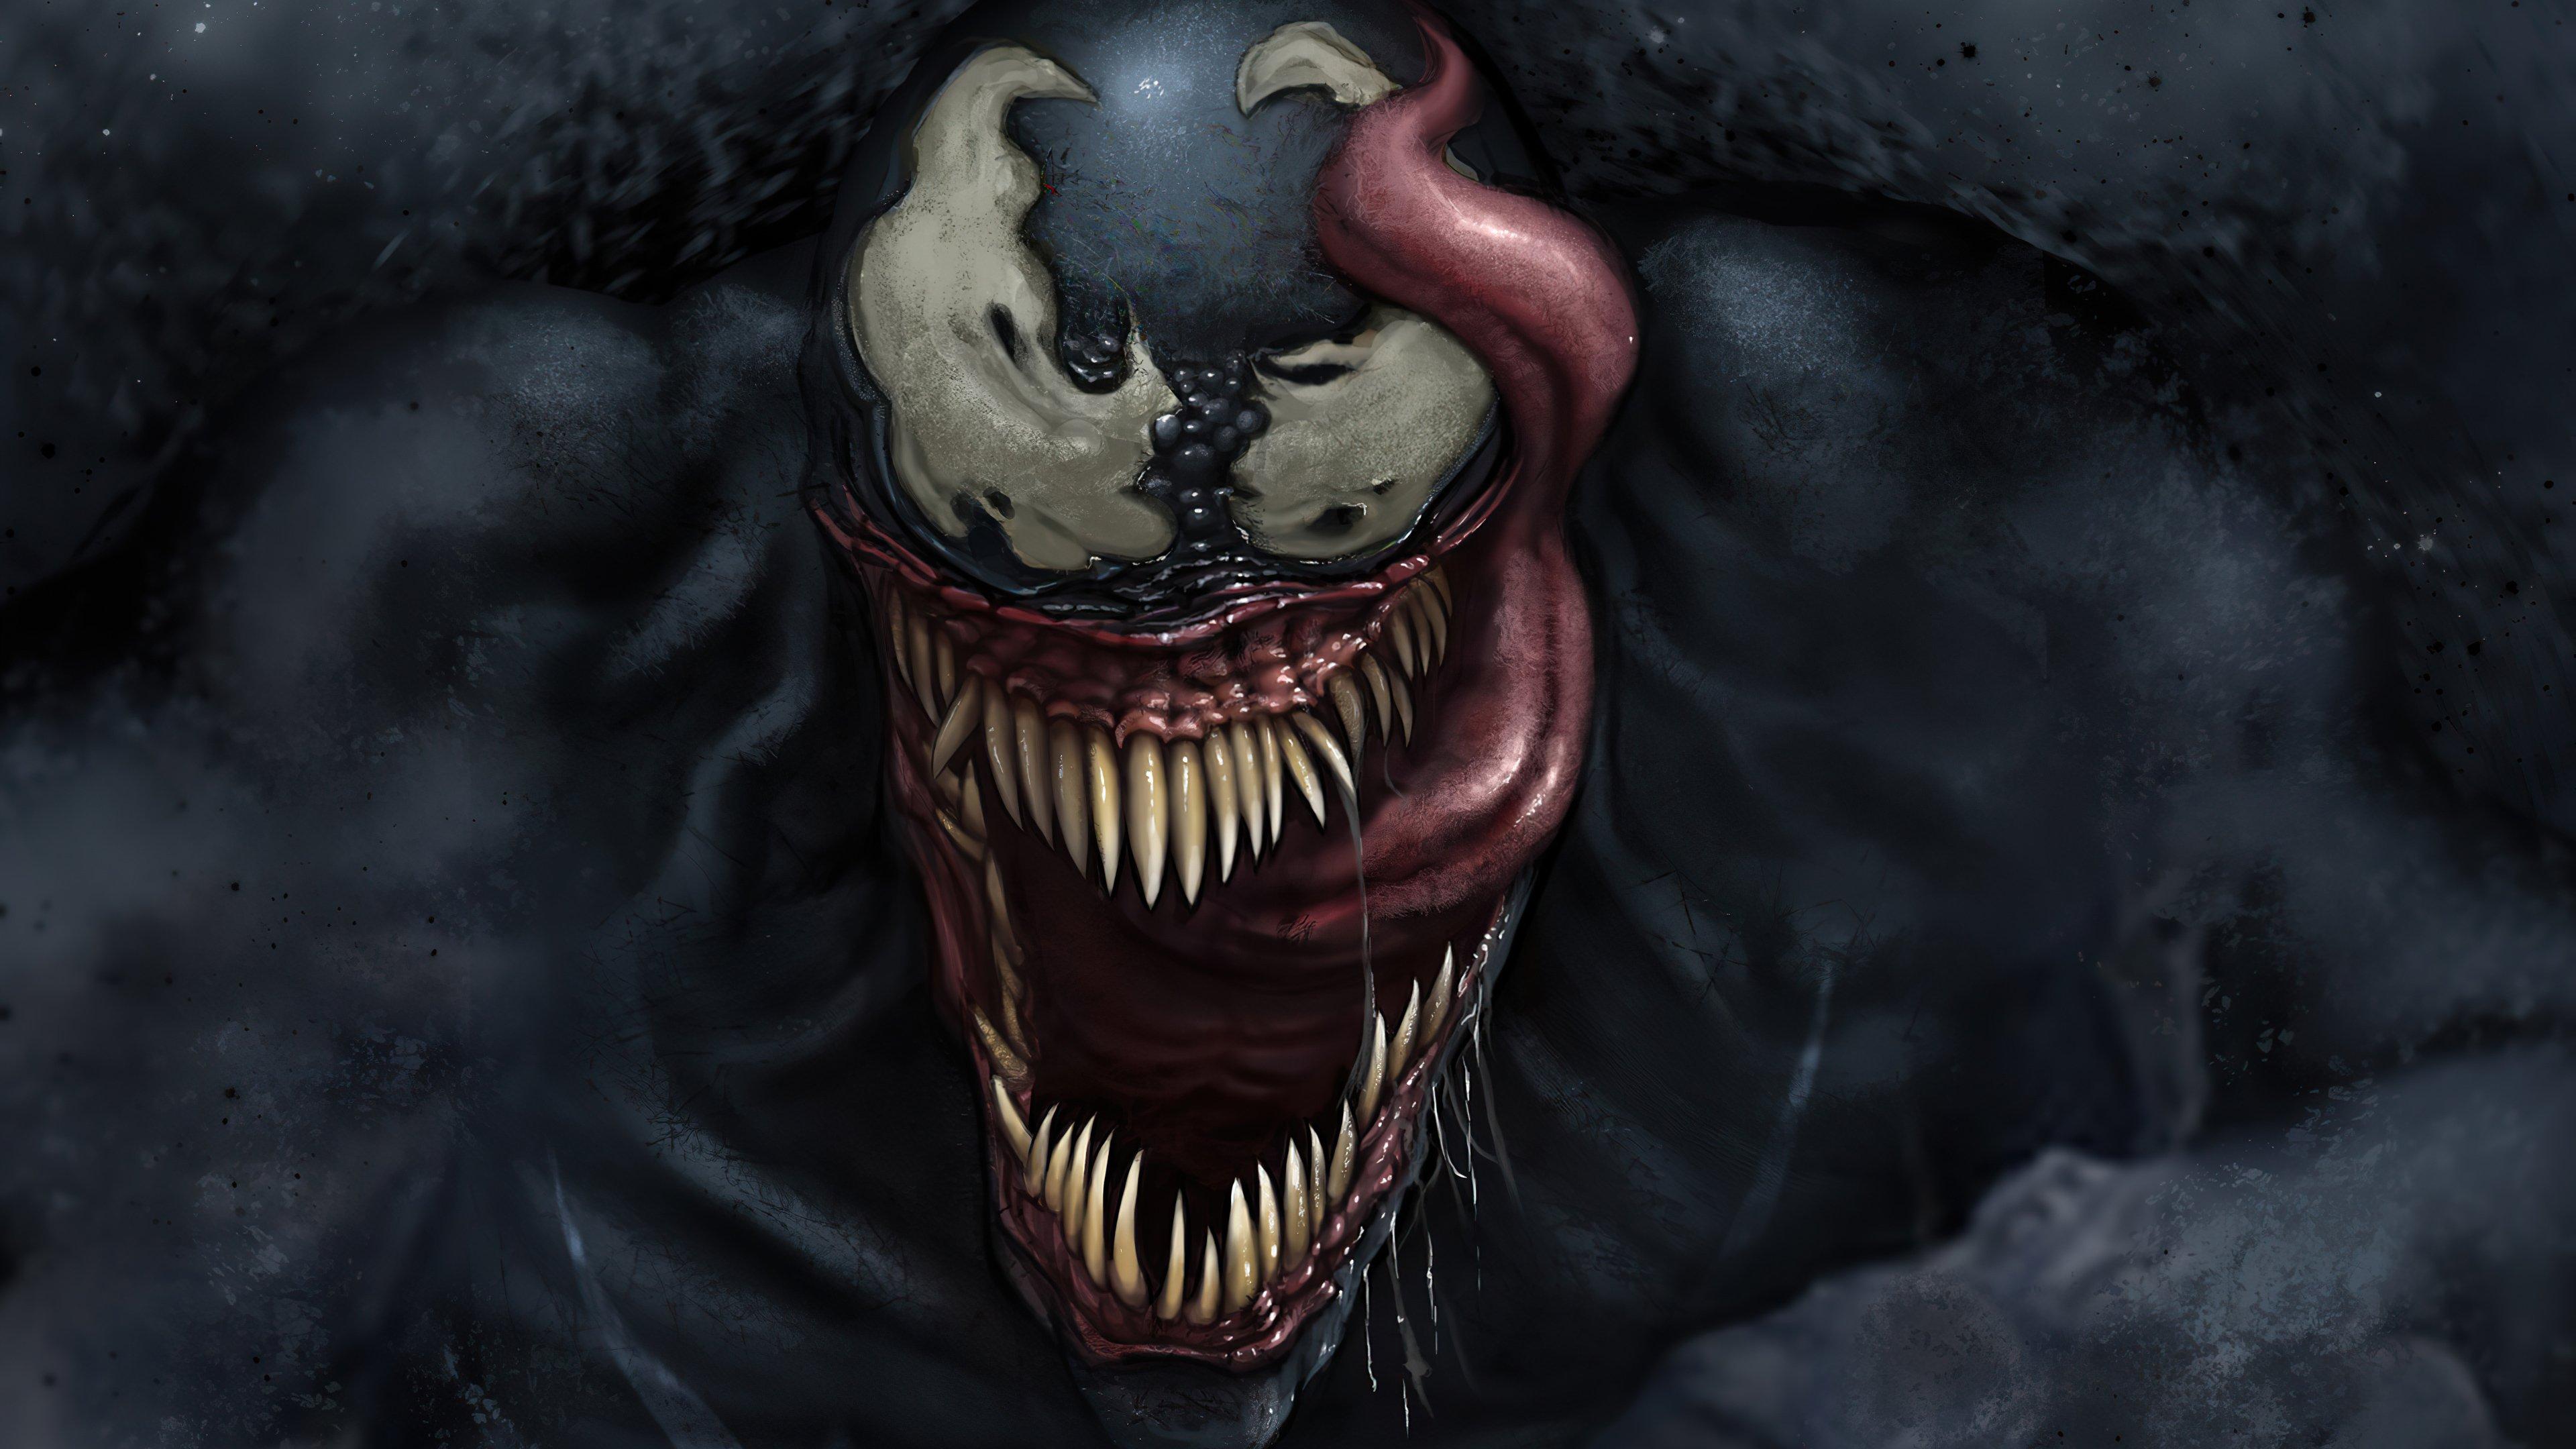 Wallpaper Venom's Face